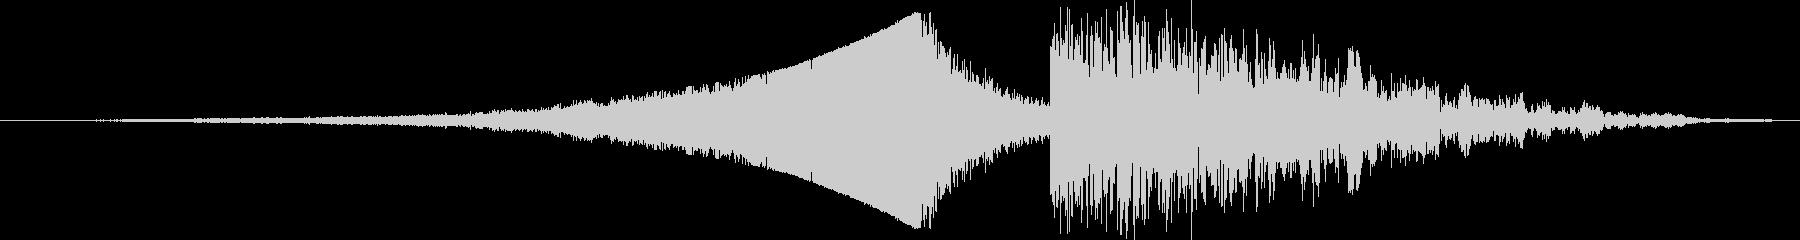 【映画】 シネマティック ライザー 03の未再生の波形